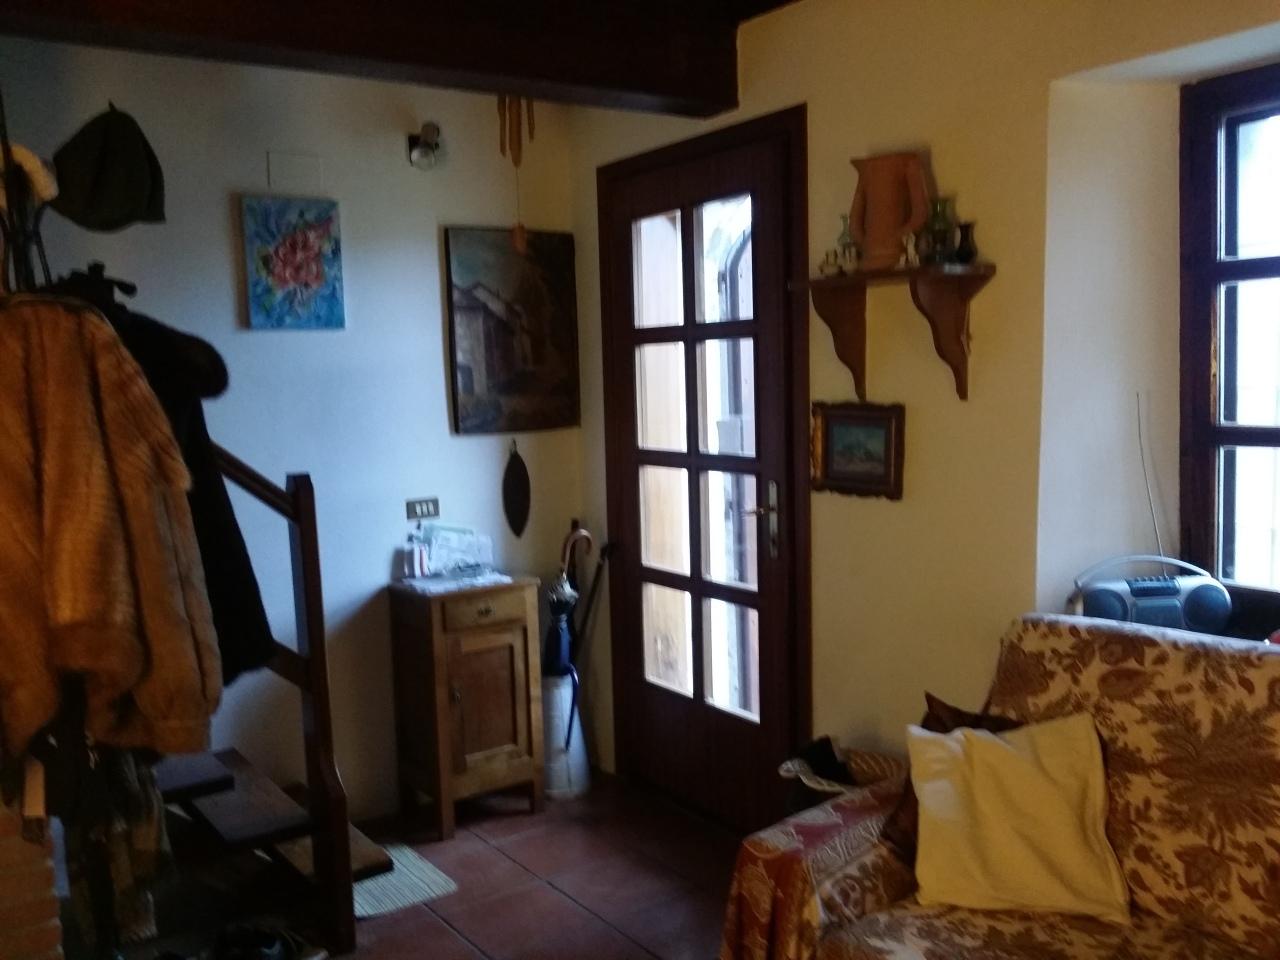 Semindipendente - Porzione di casa a Medesano